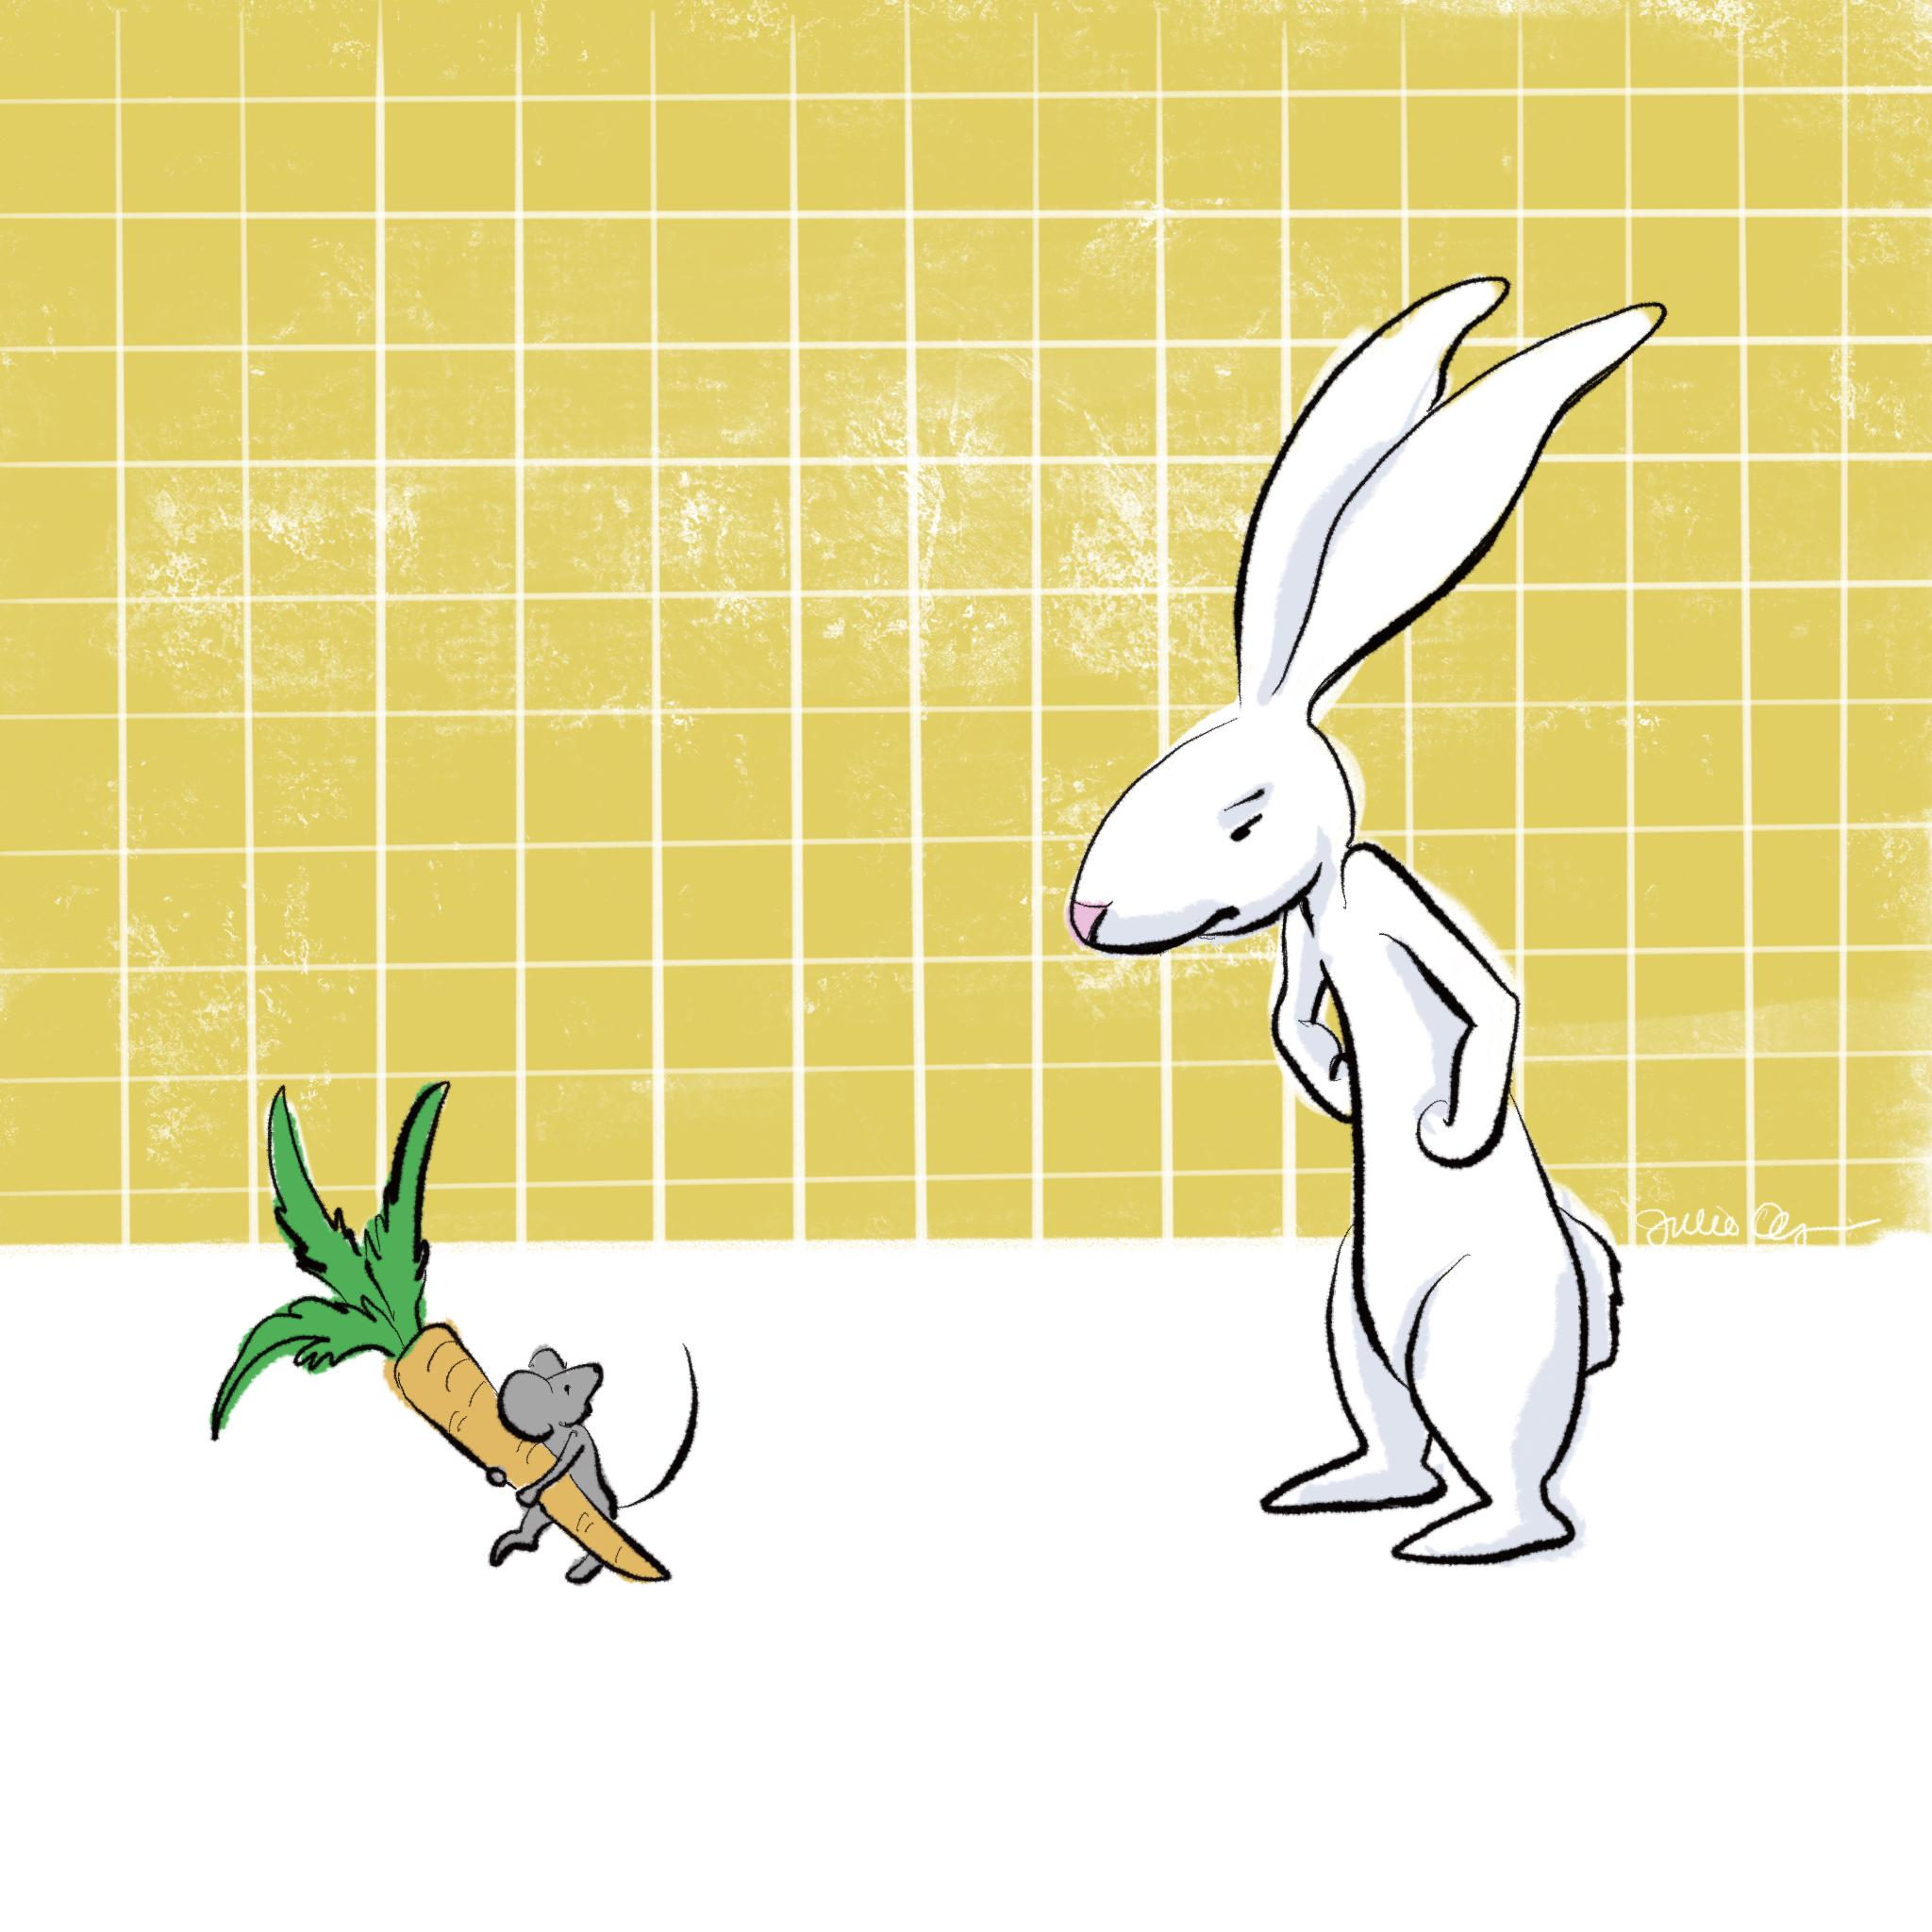 Rabbit_Olson.JPG